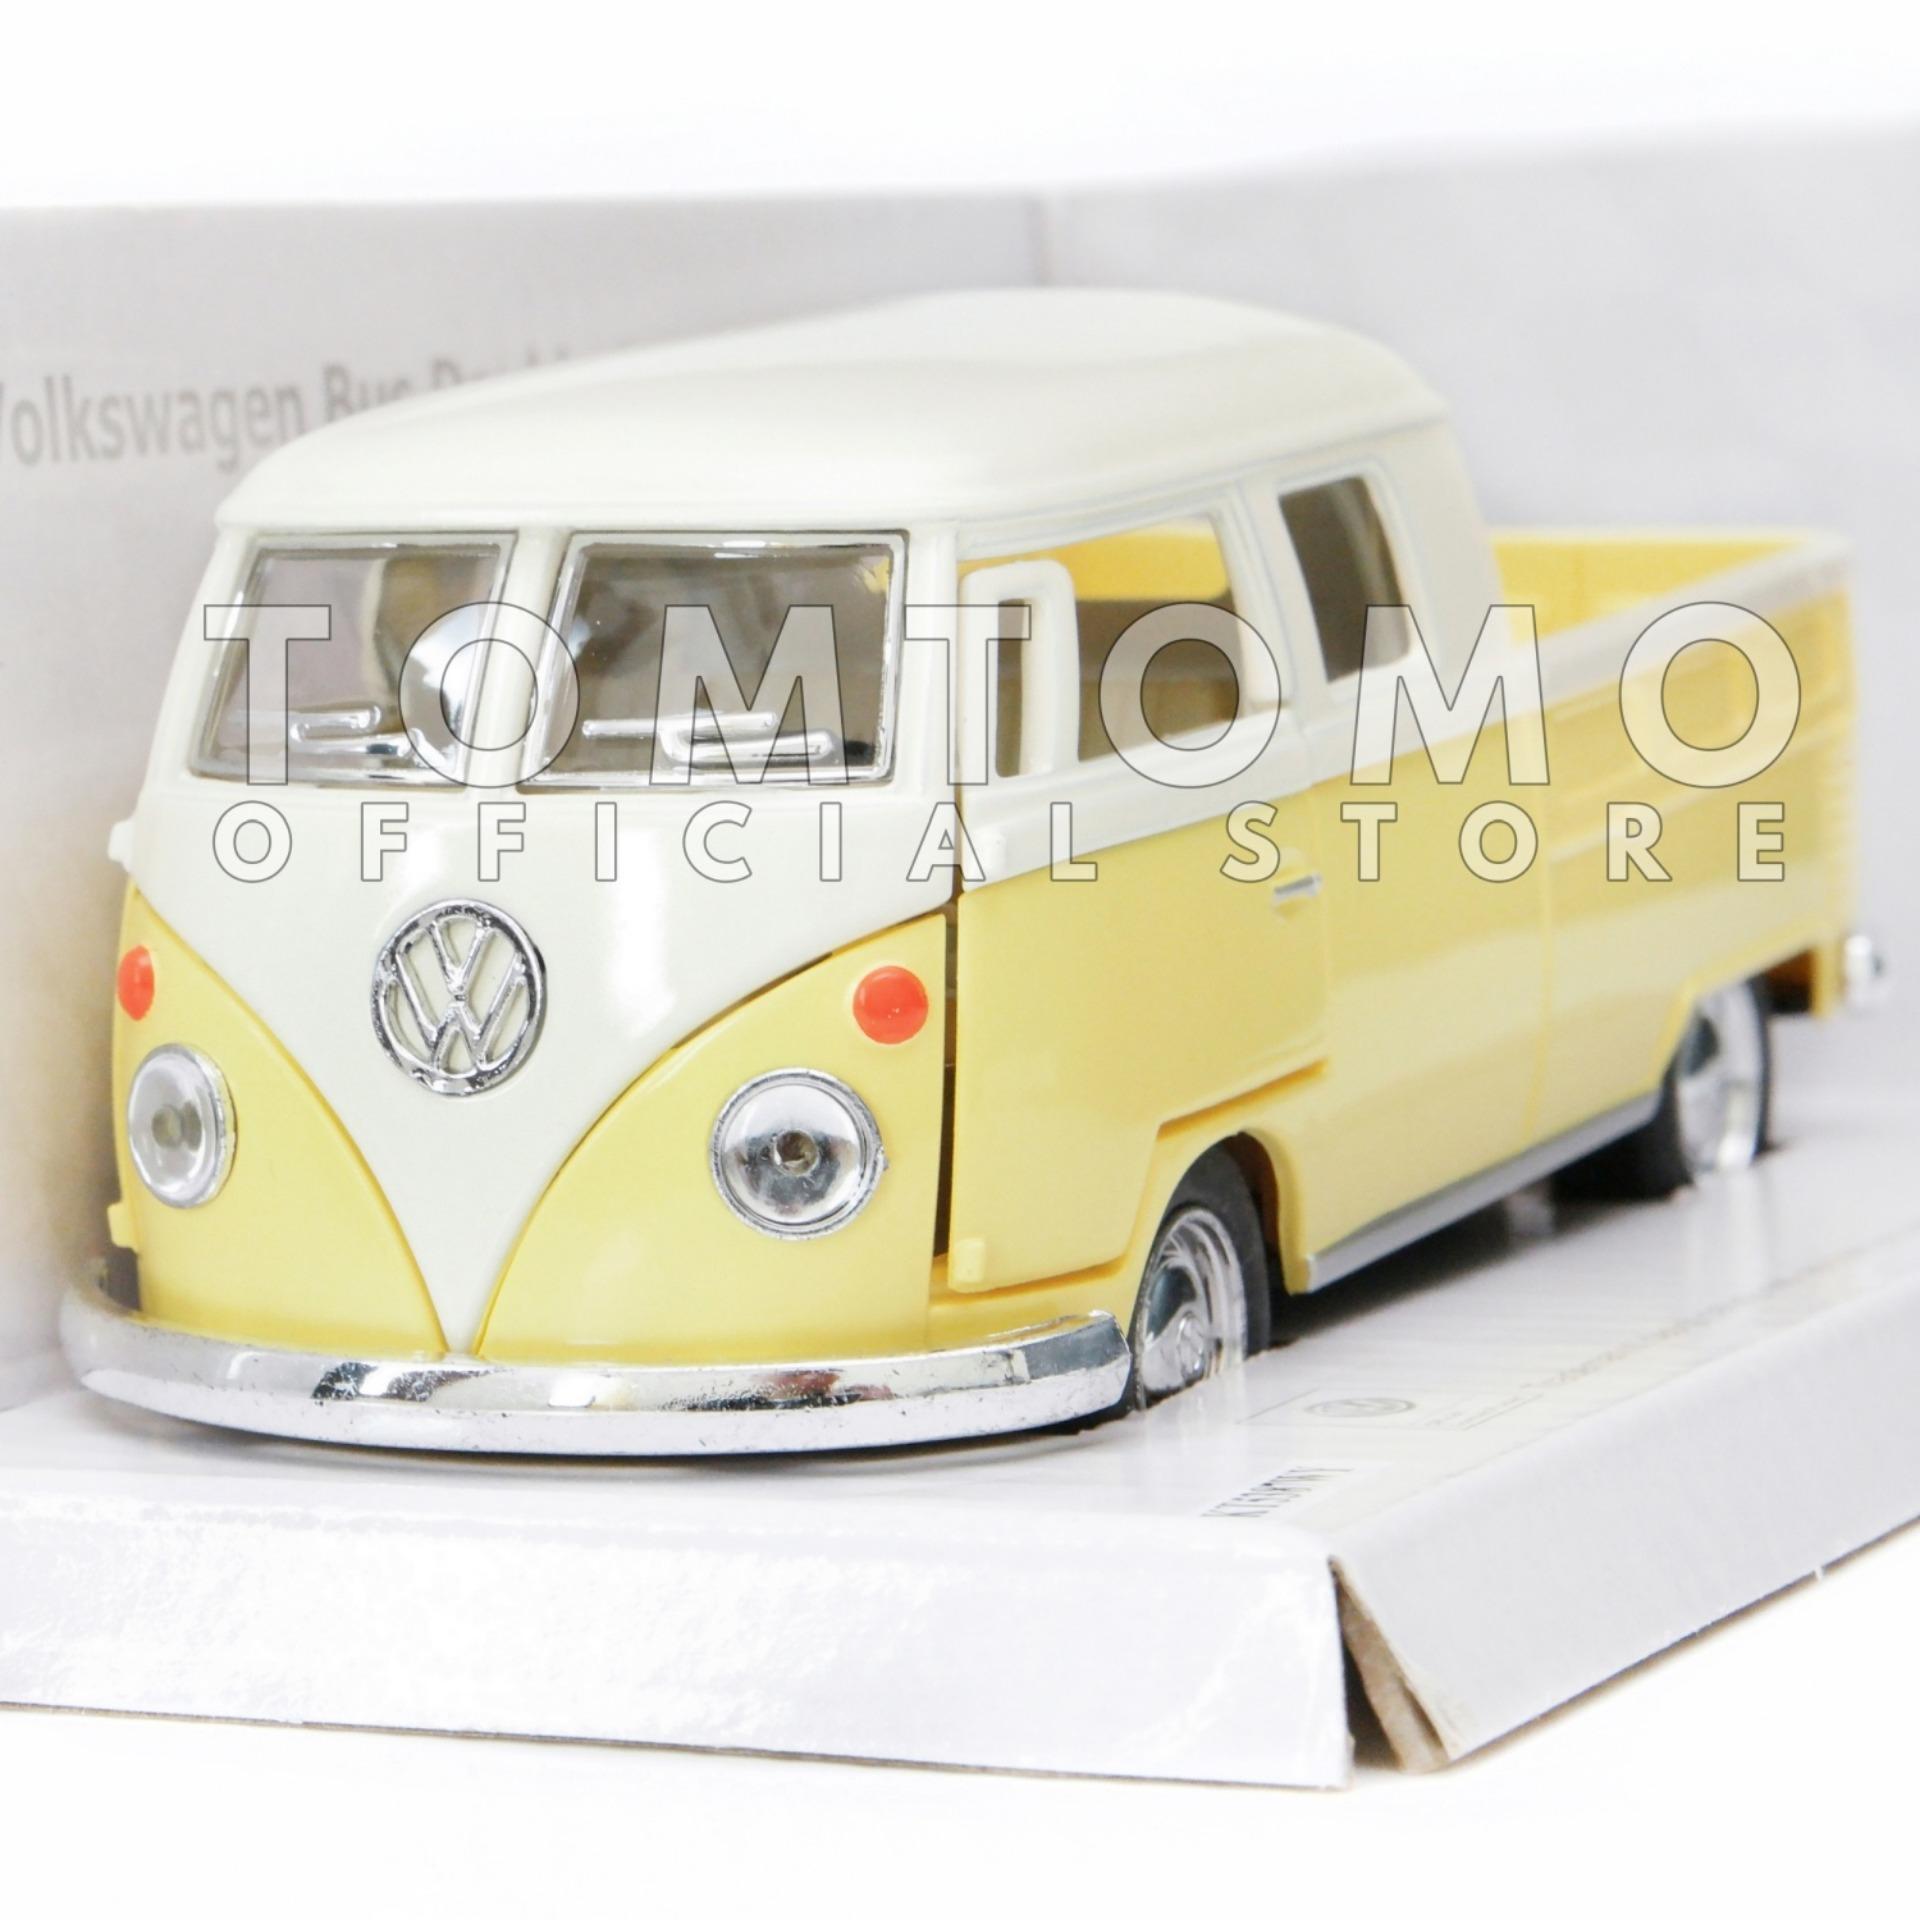 Diskon Vw Bus Kombi Pickup Pastel 63 Volkswagen Diecast Miniatur Mobil Mobilan Klasik Antik Kado Mainan Anak Cowok Laki Kinsmart Tomtomo Jawa Tengah